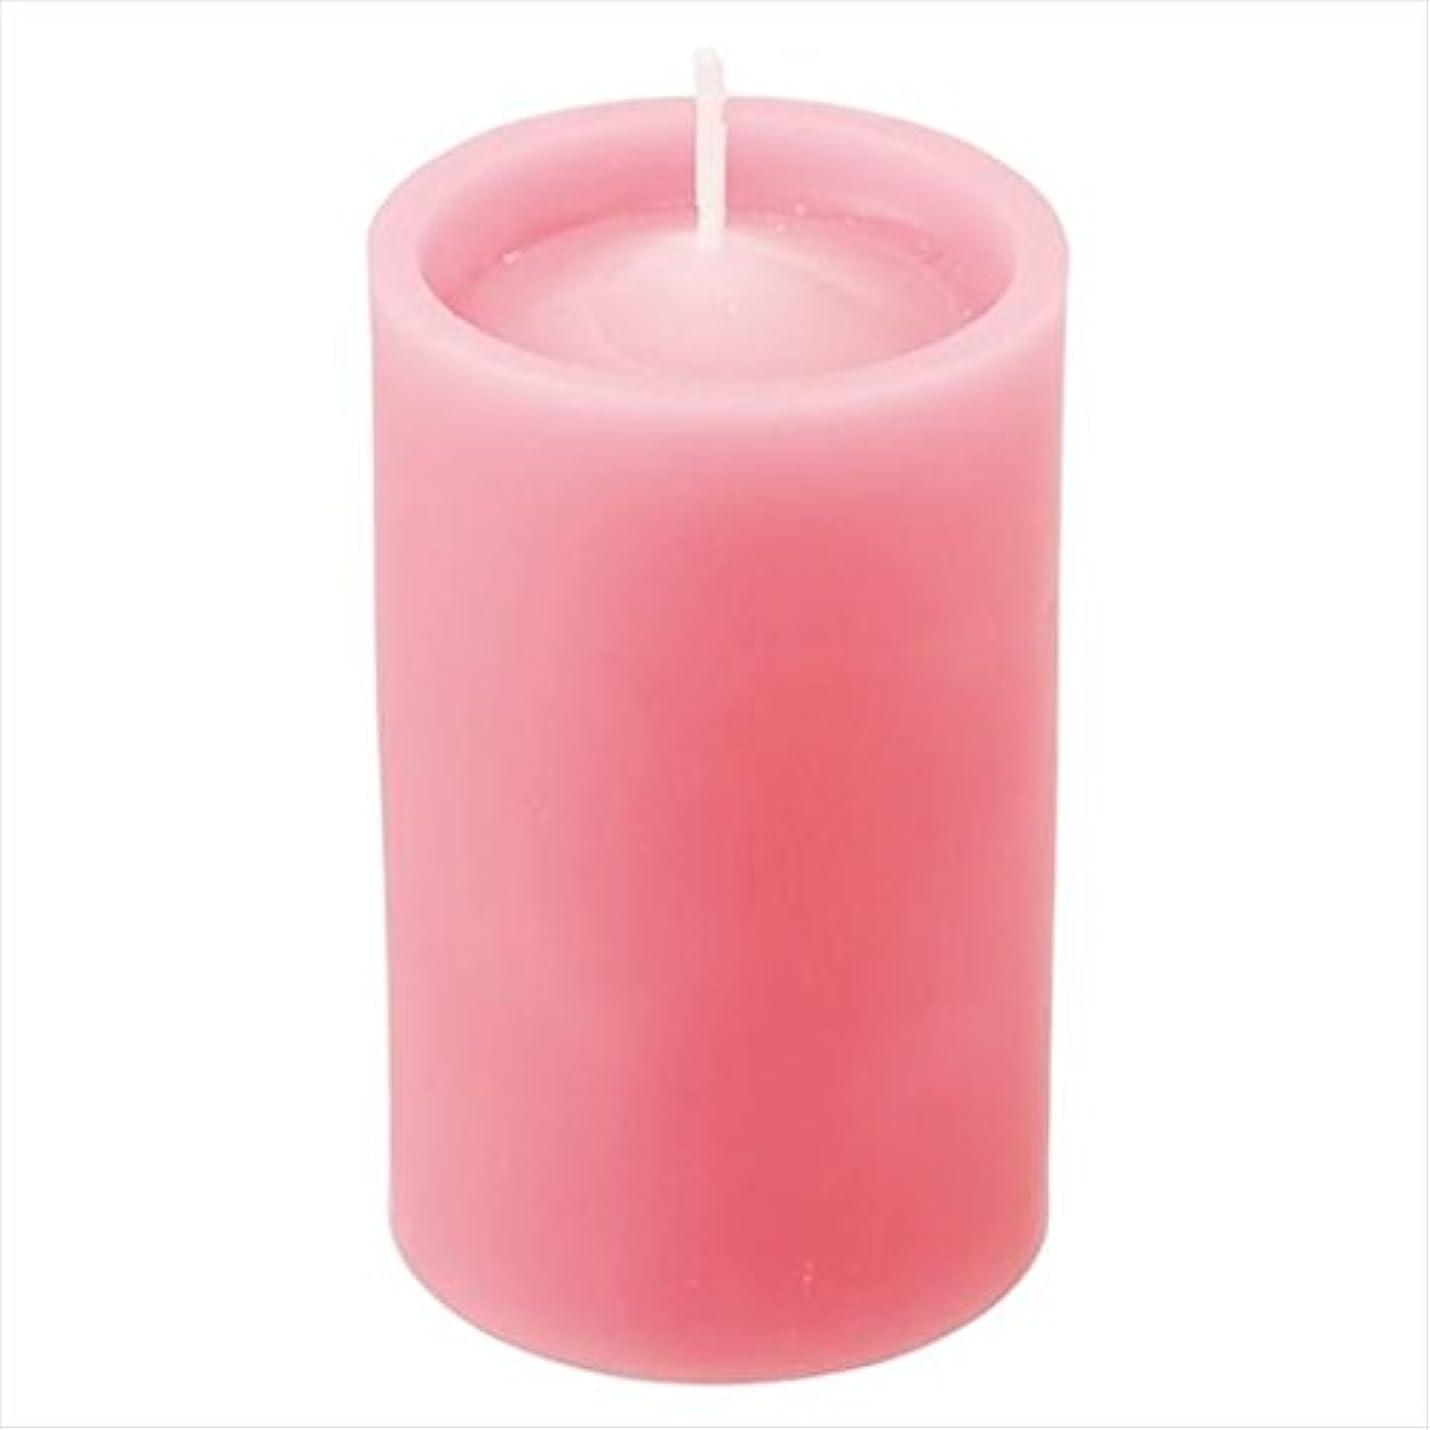 混乱させる羨望補充kameyama candle(カメヤマキャンドル) ロイヤルラウンド60 「 ダークピンク 」 キャンドル 60x60x100mm (52750000DP)